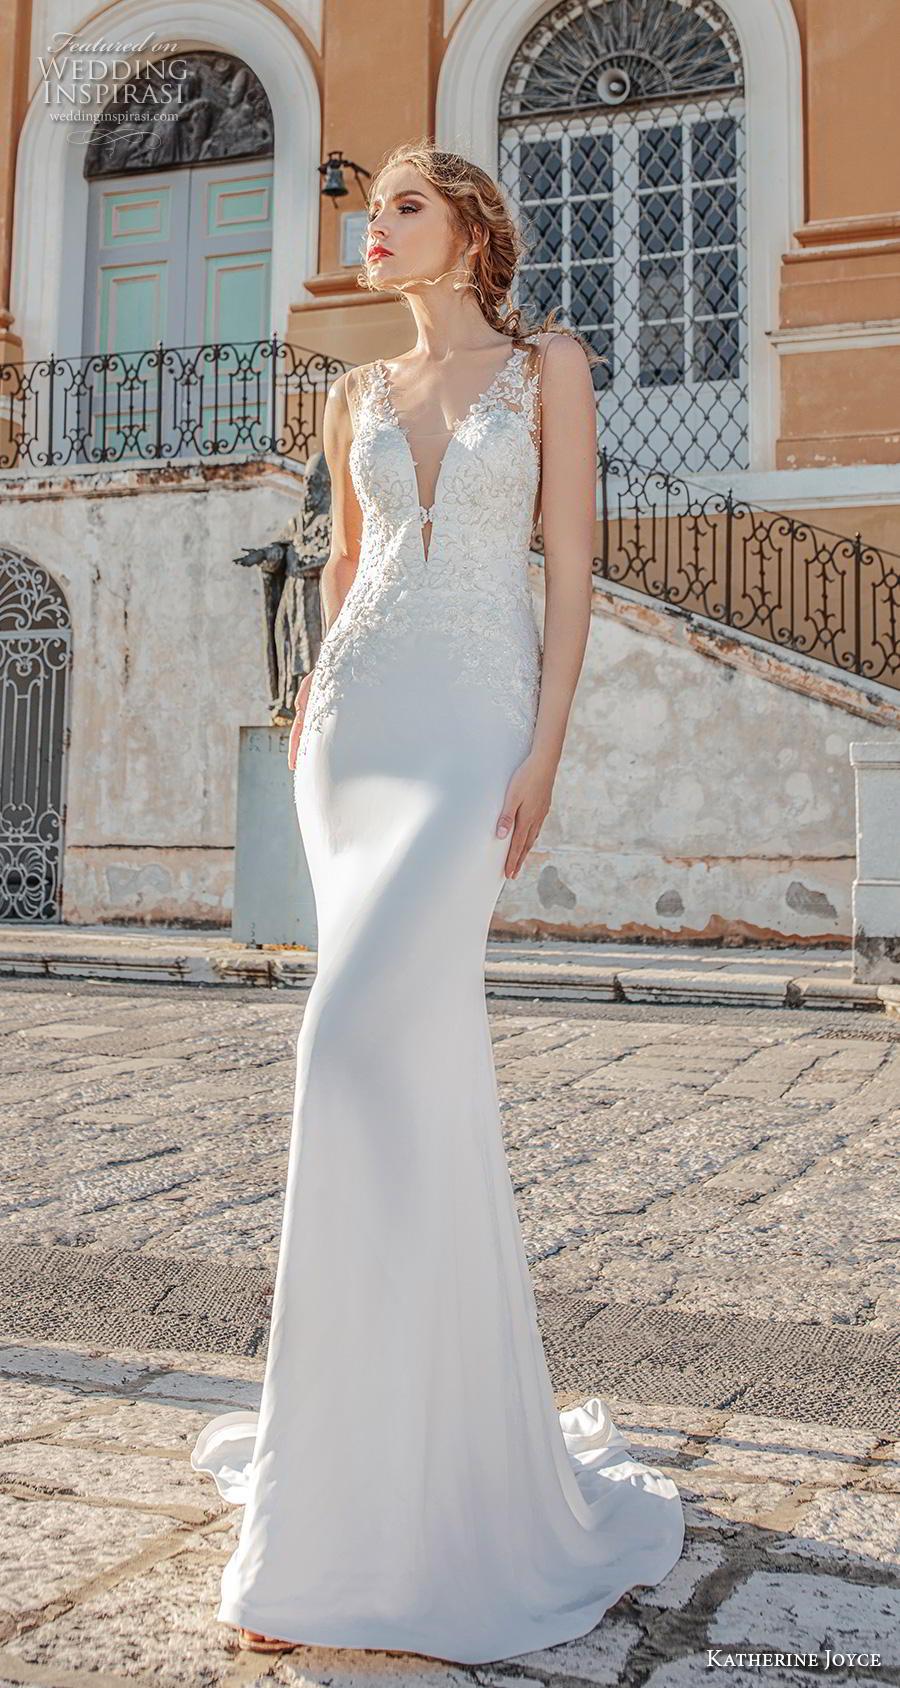 katherine joyce 2019 bridal sleeveless deep plunging v neck heavily embellished bodice elegant sheath wedding dress v back medium train (4) mv